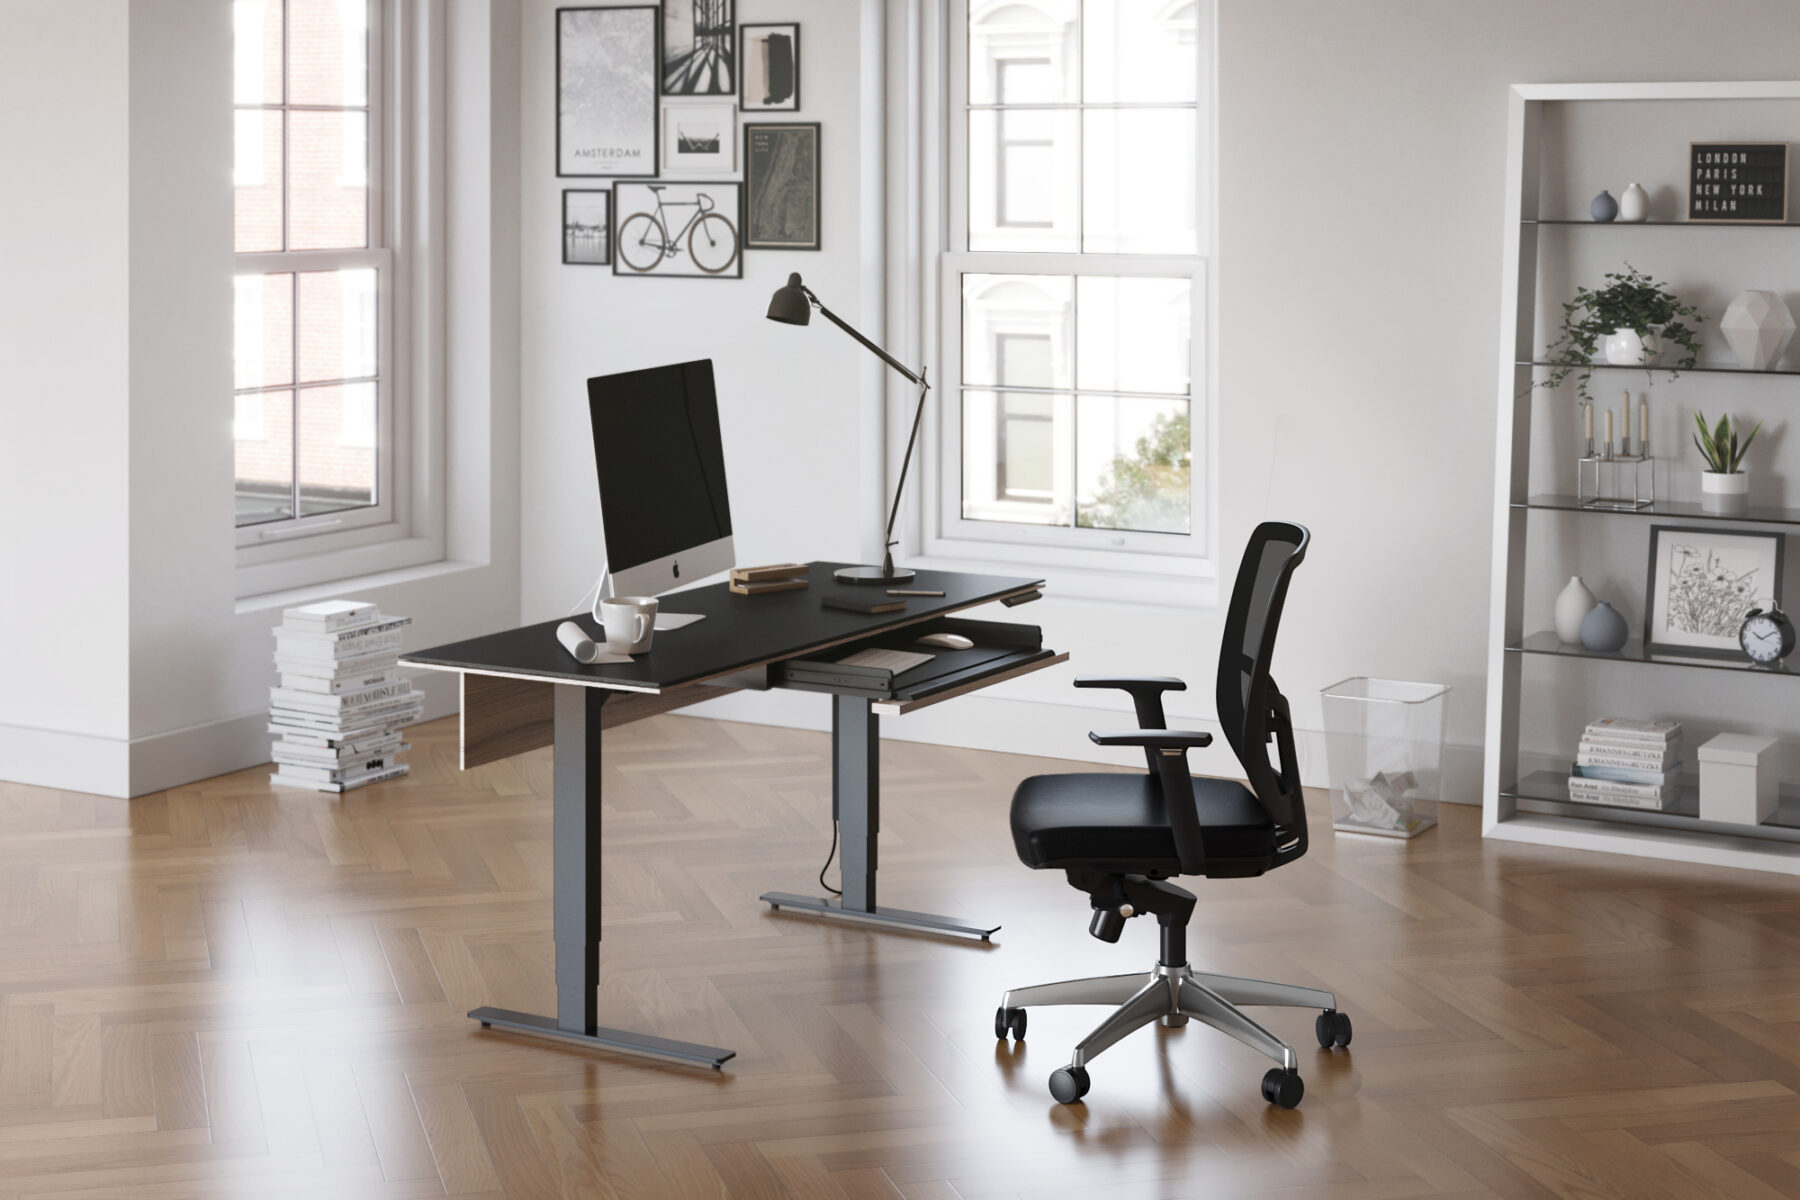 stance-lift-desk-6651-STR-BDI-height-adjustable-desk-LS1